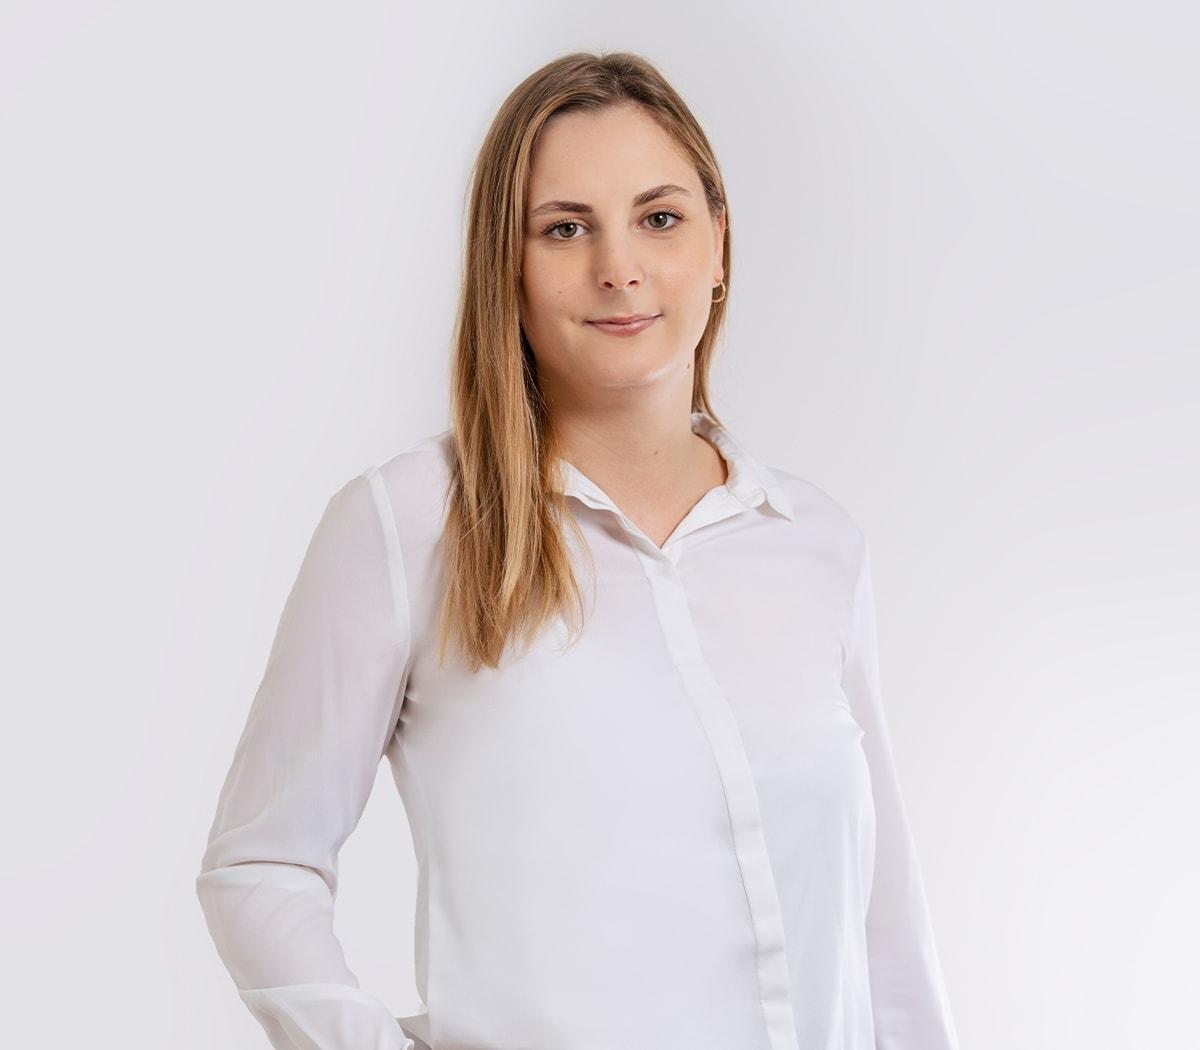 Melina Martin